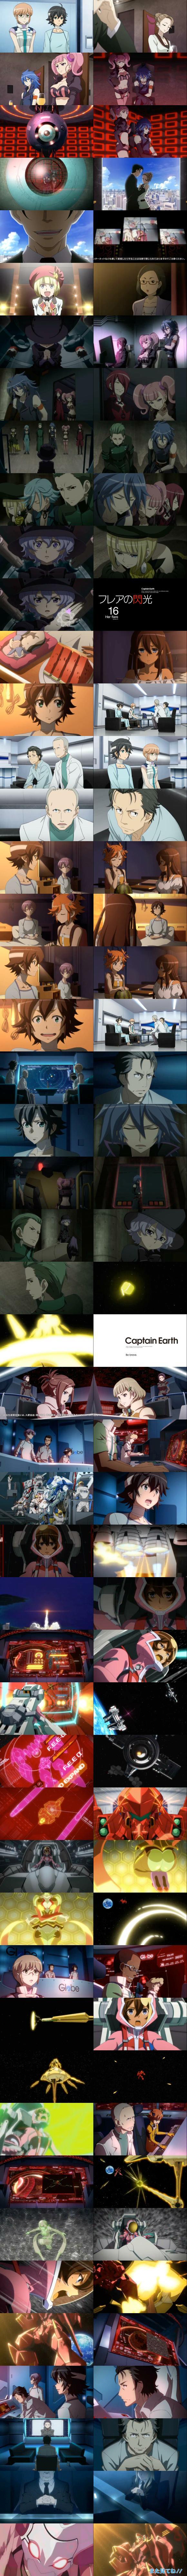 キャプテン・アース 第16話 キャプチャ画像 まとめ